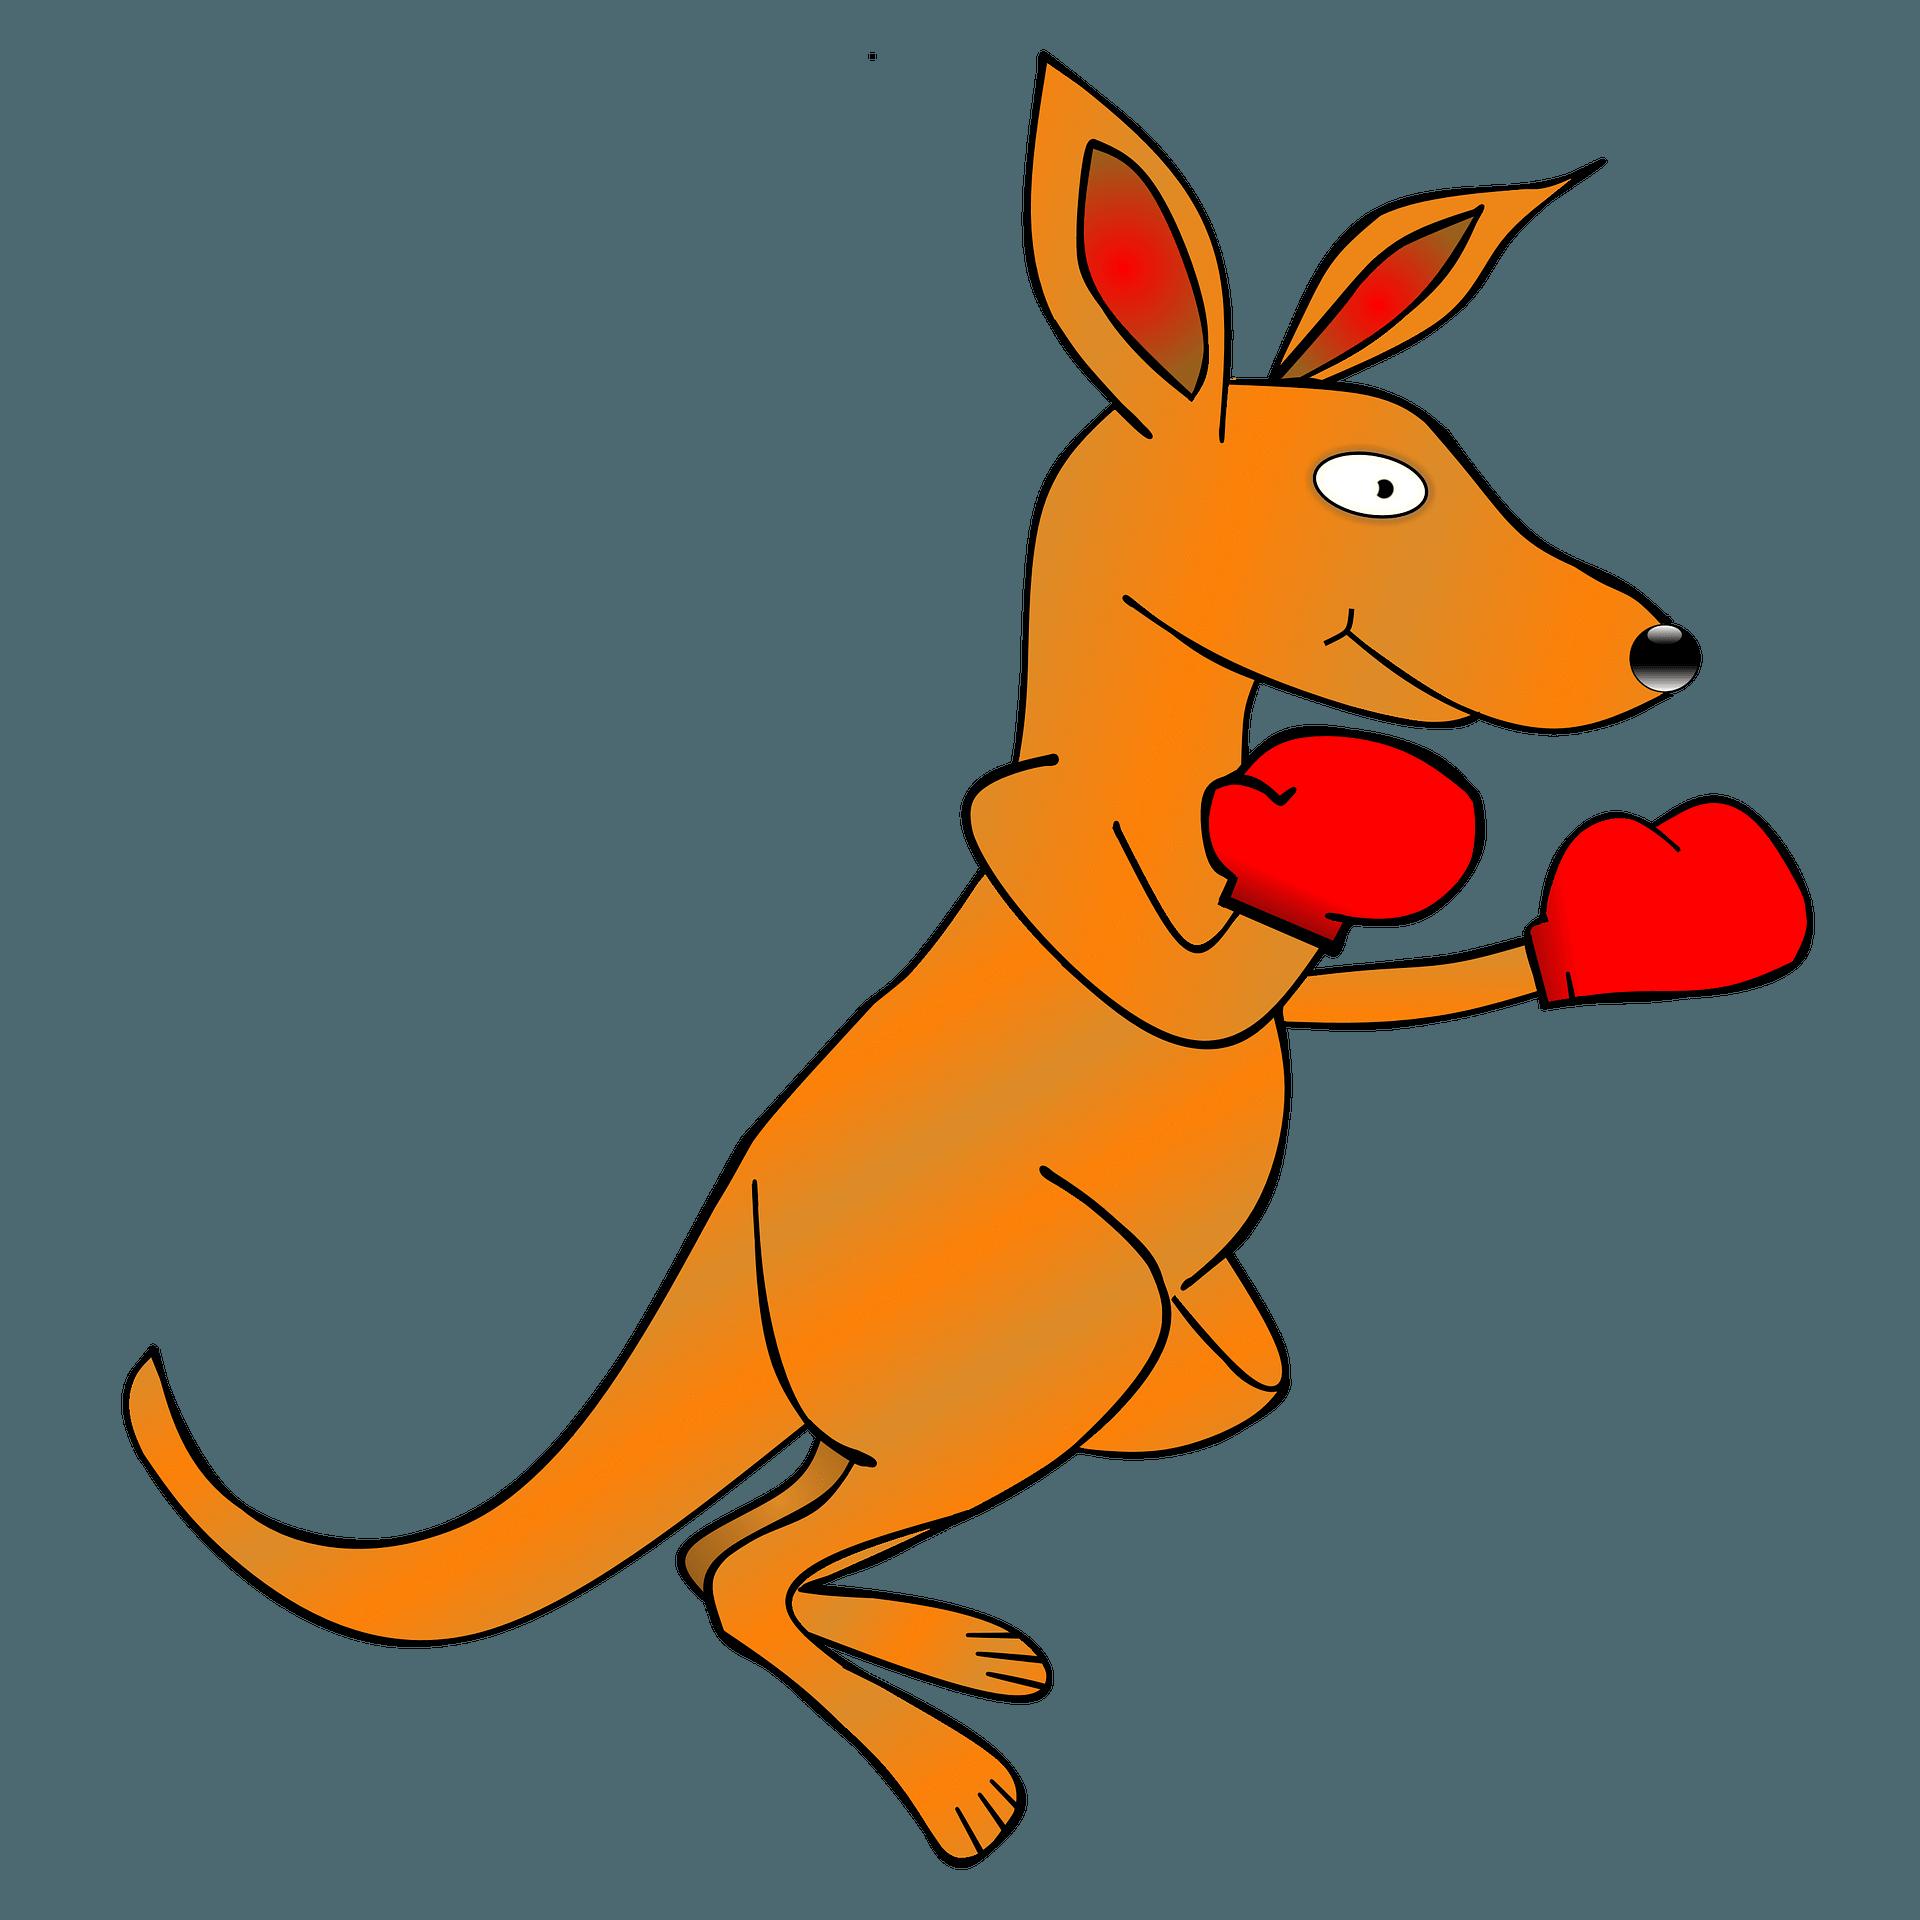 Kangaroo clipart kangaroo pouch. Kollection jerky dynasty buffalo